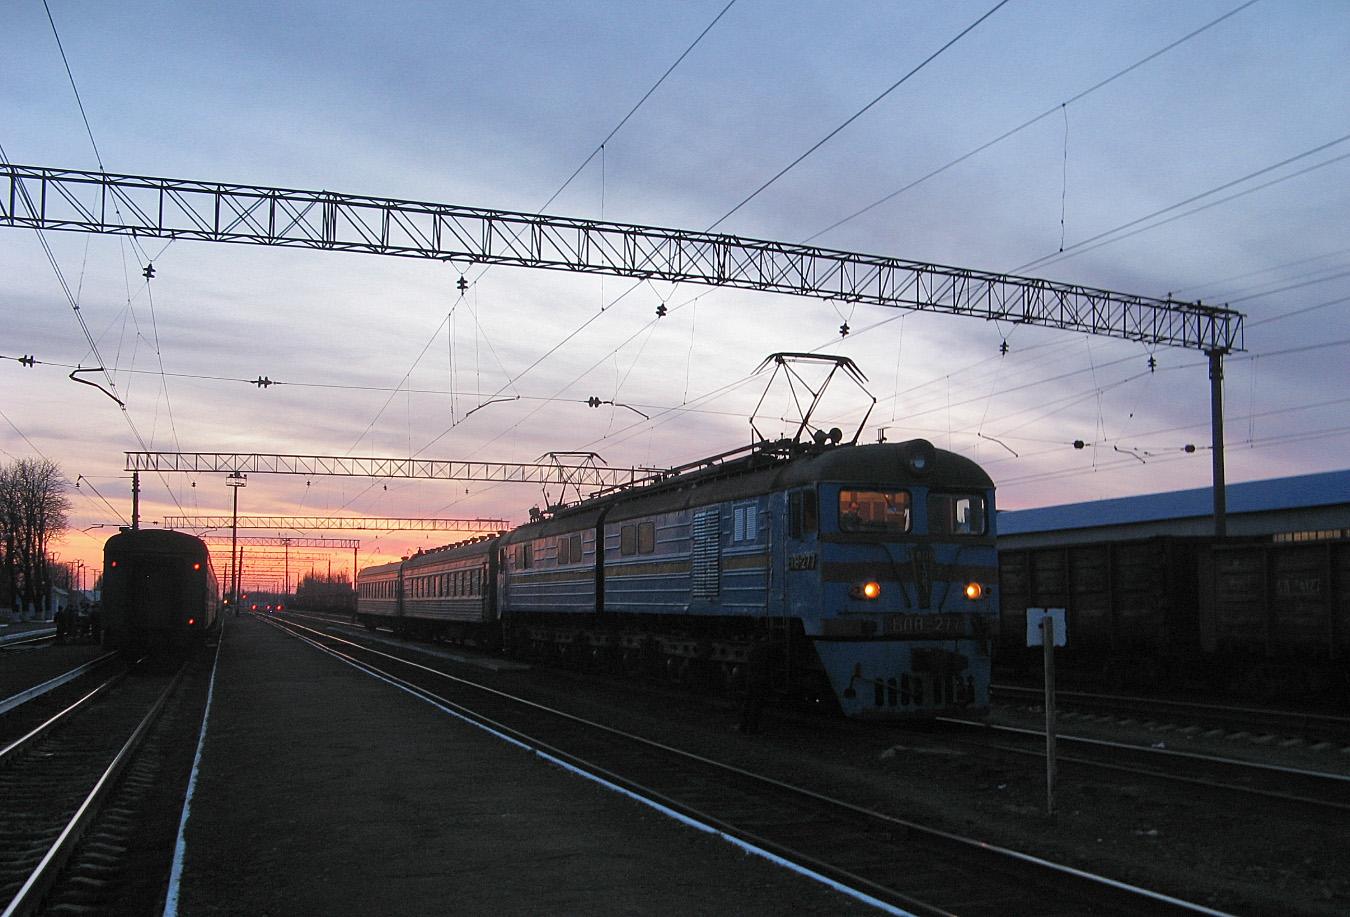 Електровоз ВЛ8-277 з приміським потягом Дебальцеве - Довжанська на станції Штерівка. Луганська область, Антрацитівський район